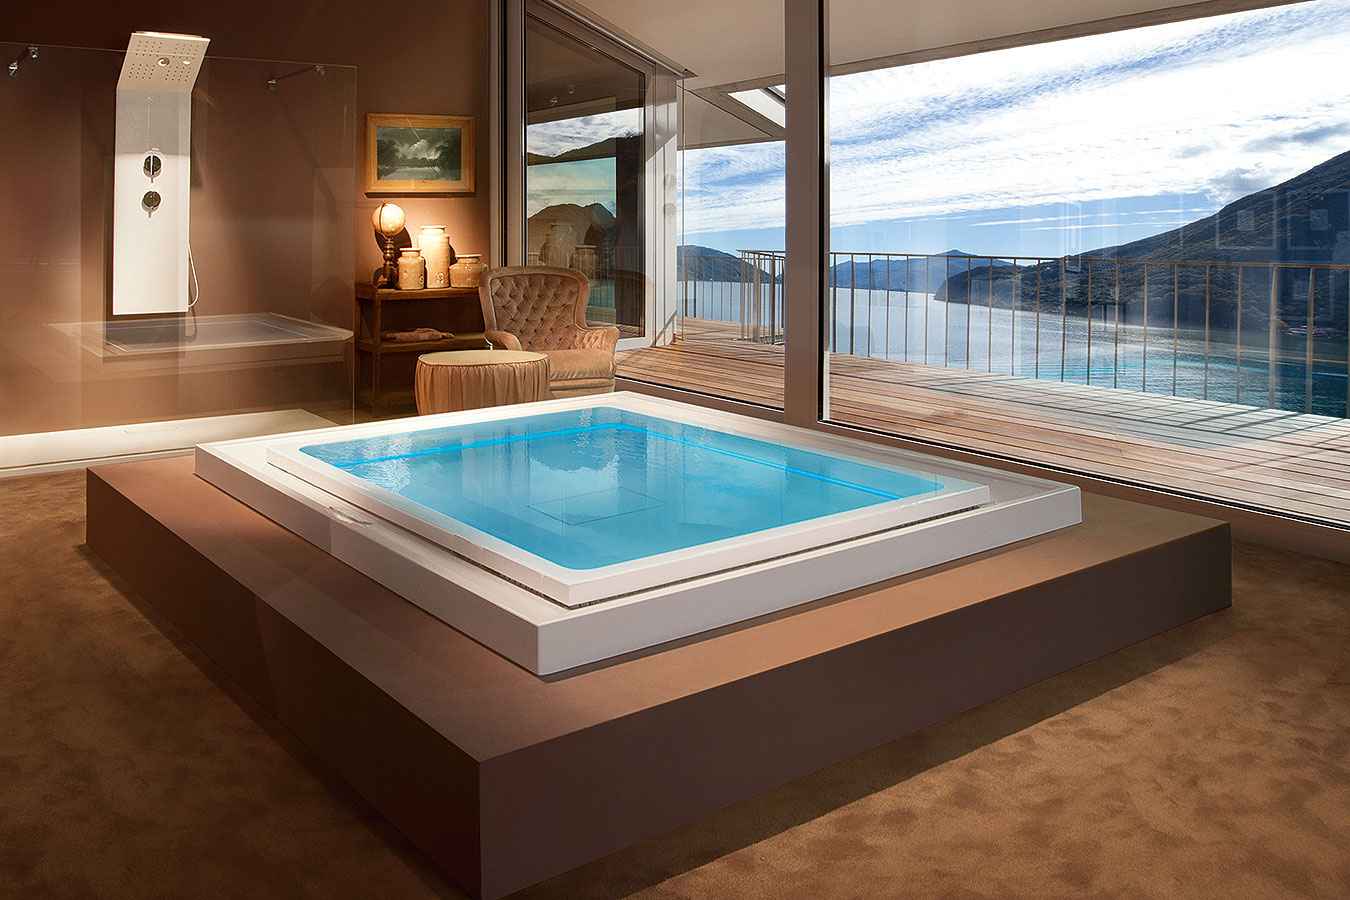 Mini piscine igan style - Cabine doccia multifunzione albatros ...